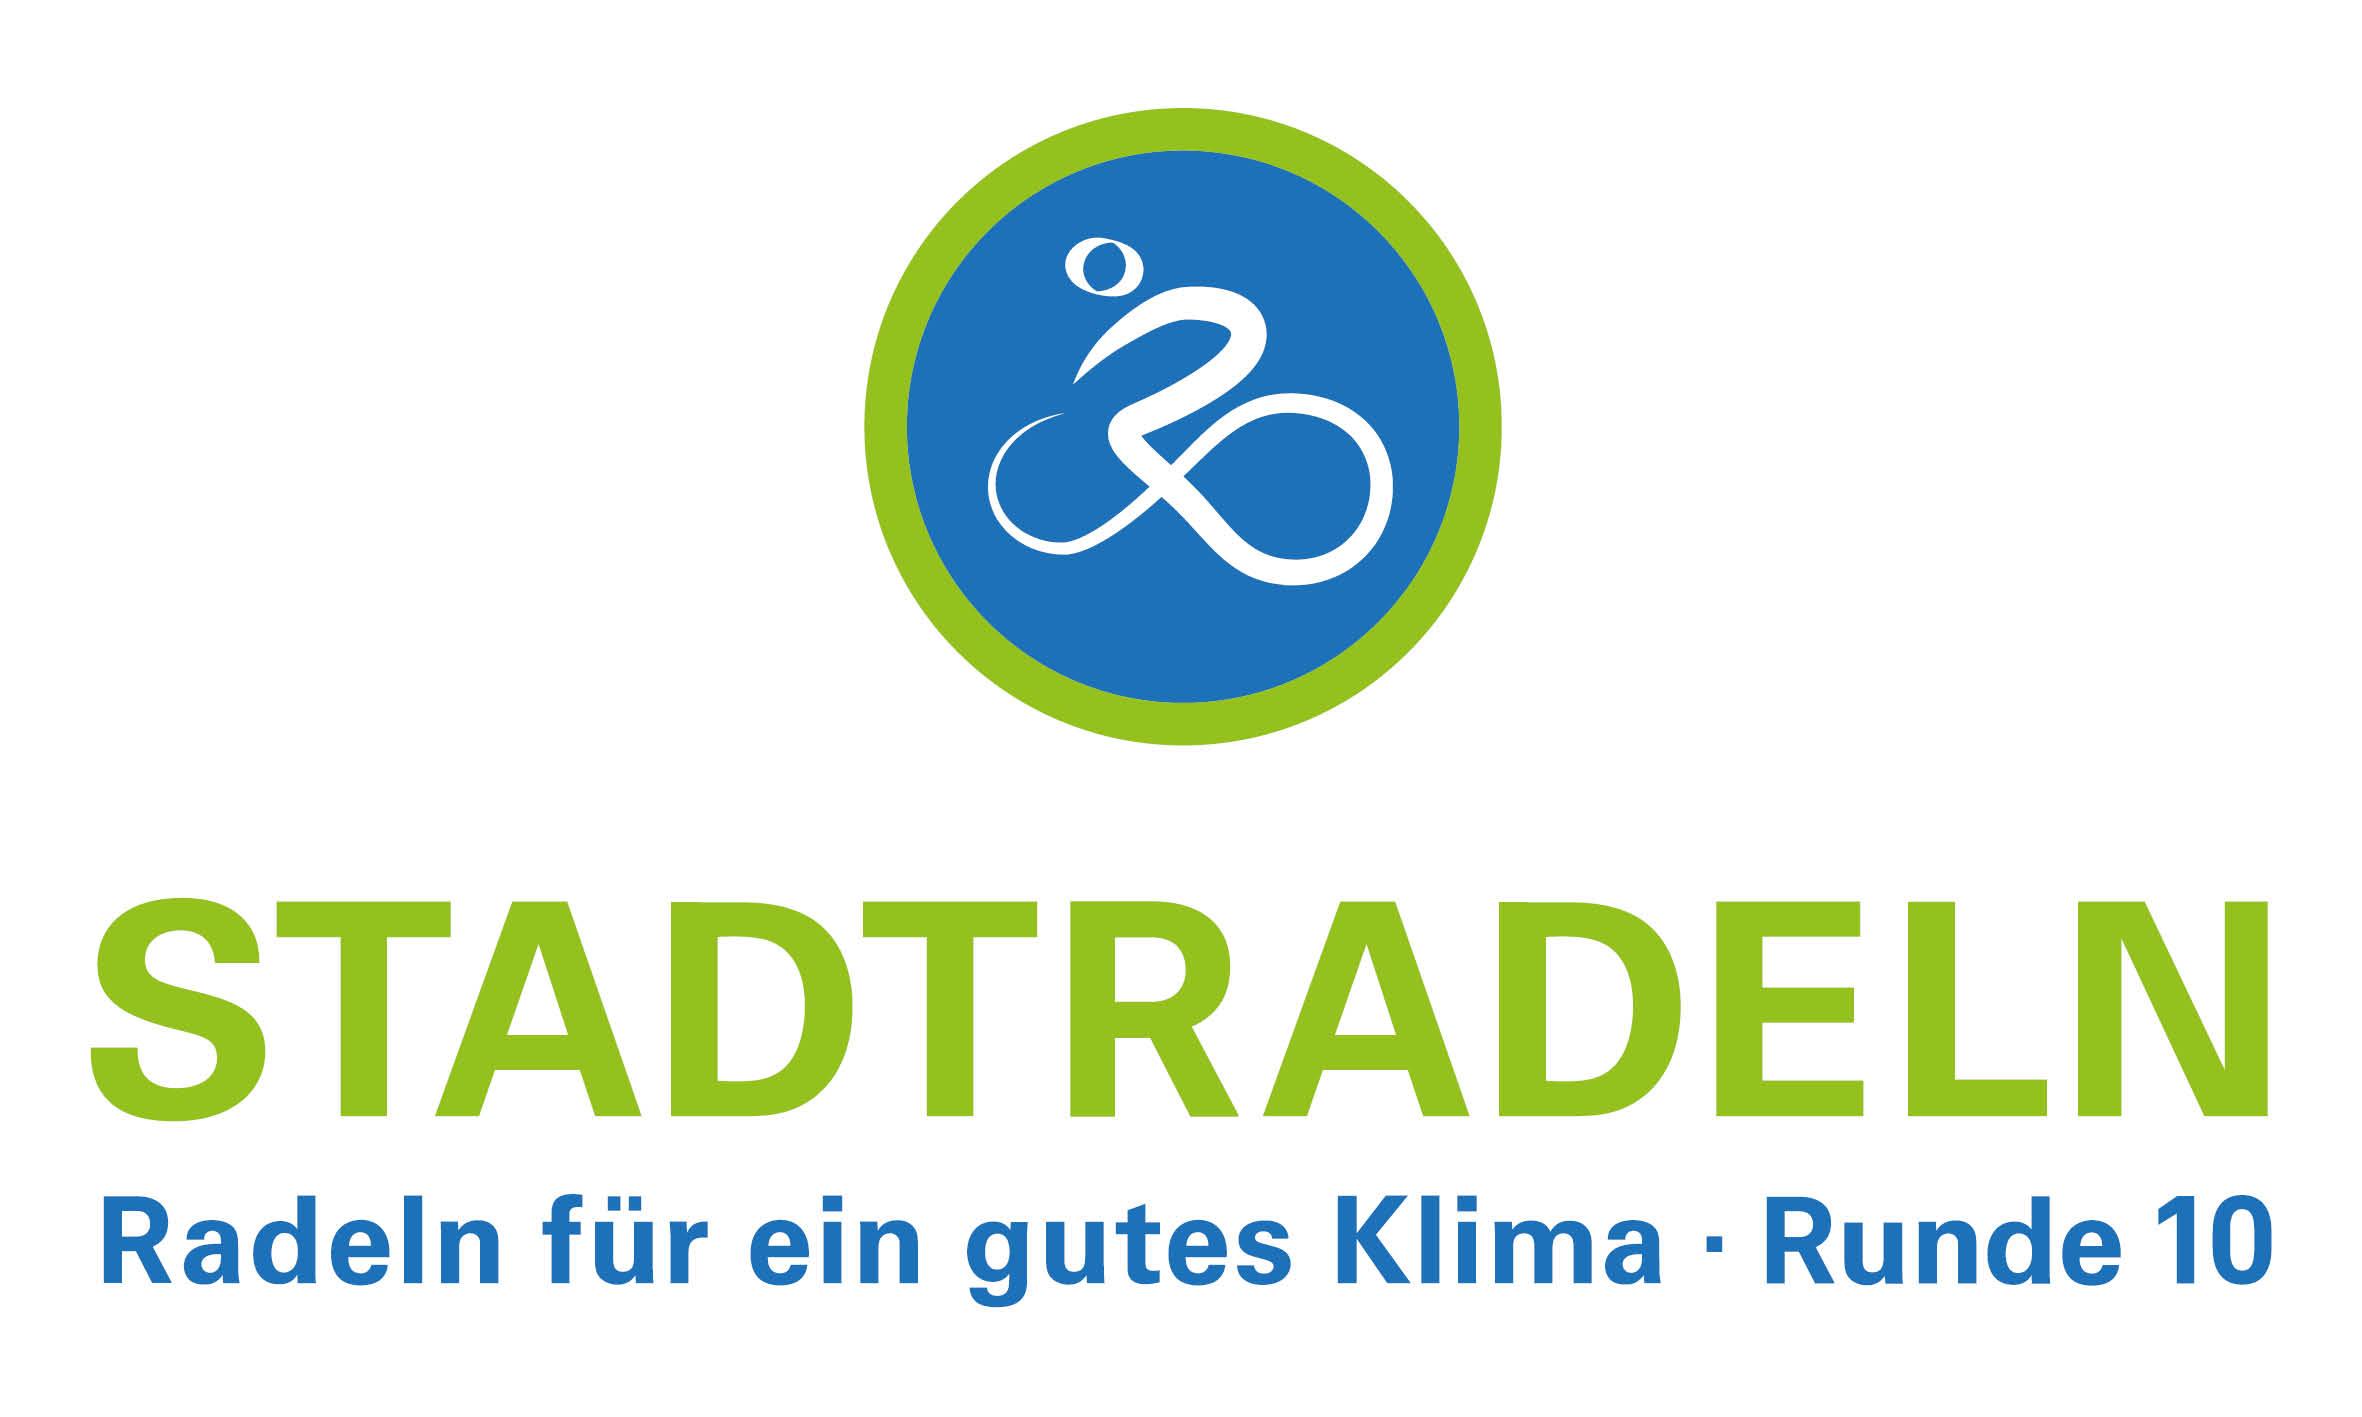 Logo Stadtradeln 2017, mit freundlicher Genehmigung von Klima-Bündnis